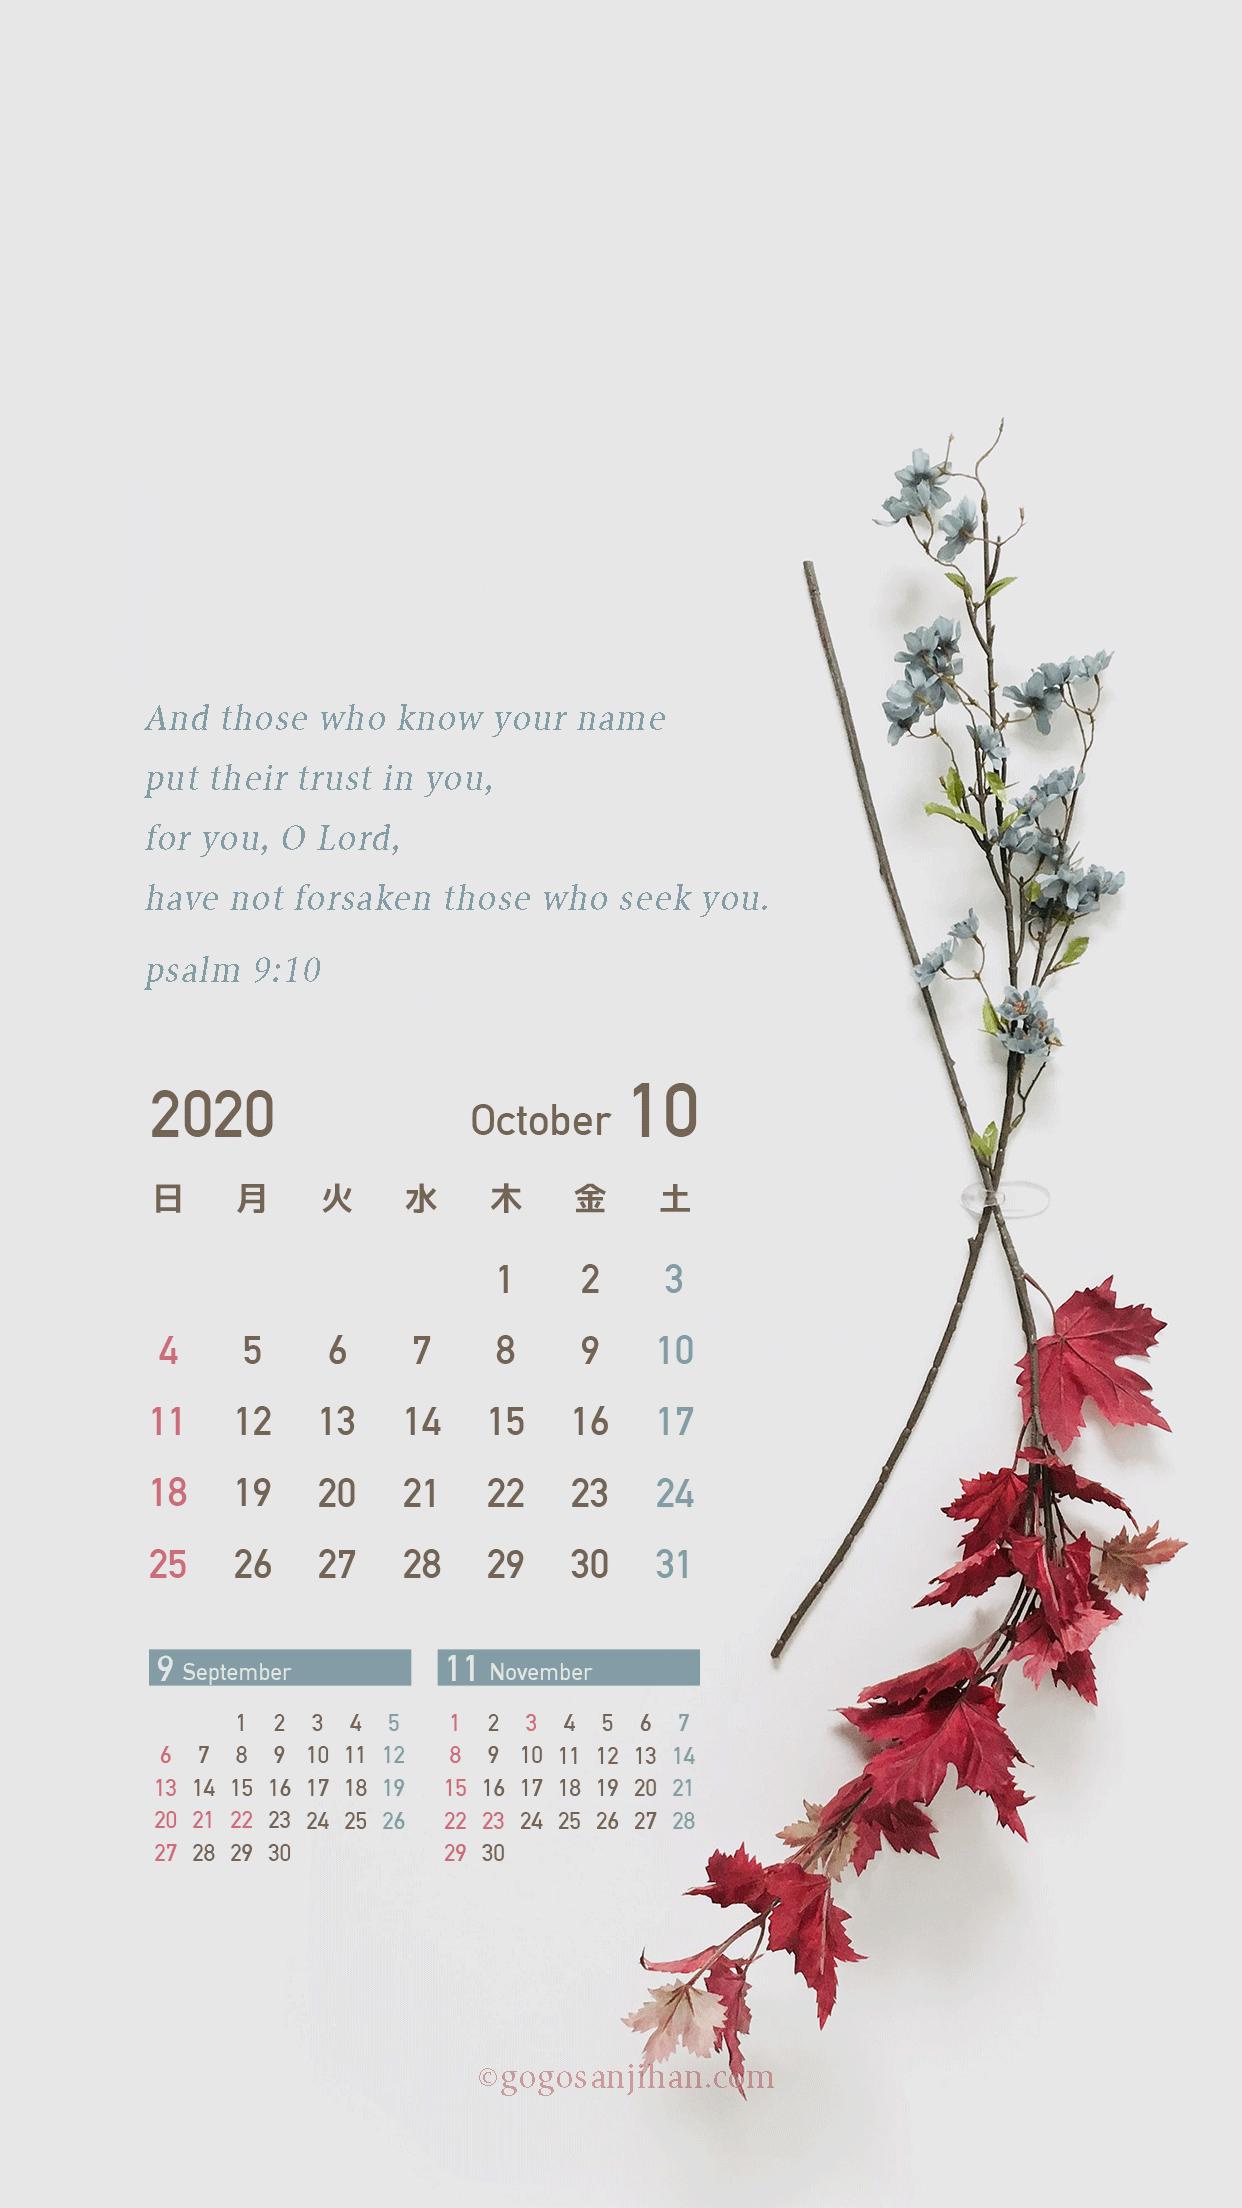 スマホ年10月カレンダー壁紙 みことば壁紙をリリースしました フリーダウンロード Iphone アンドロイド デザイン工房 午後3 30